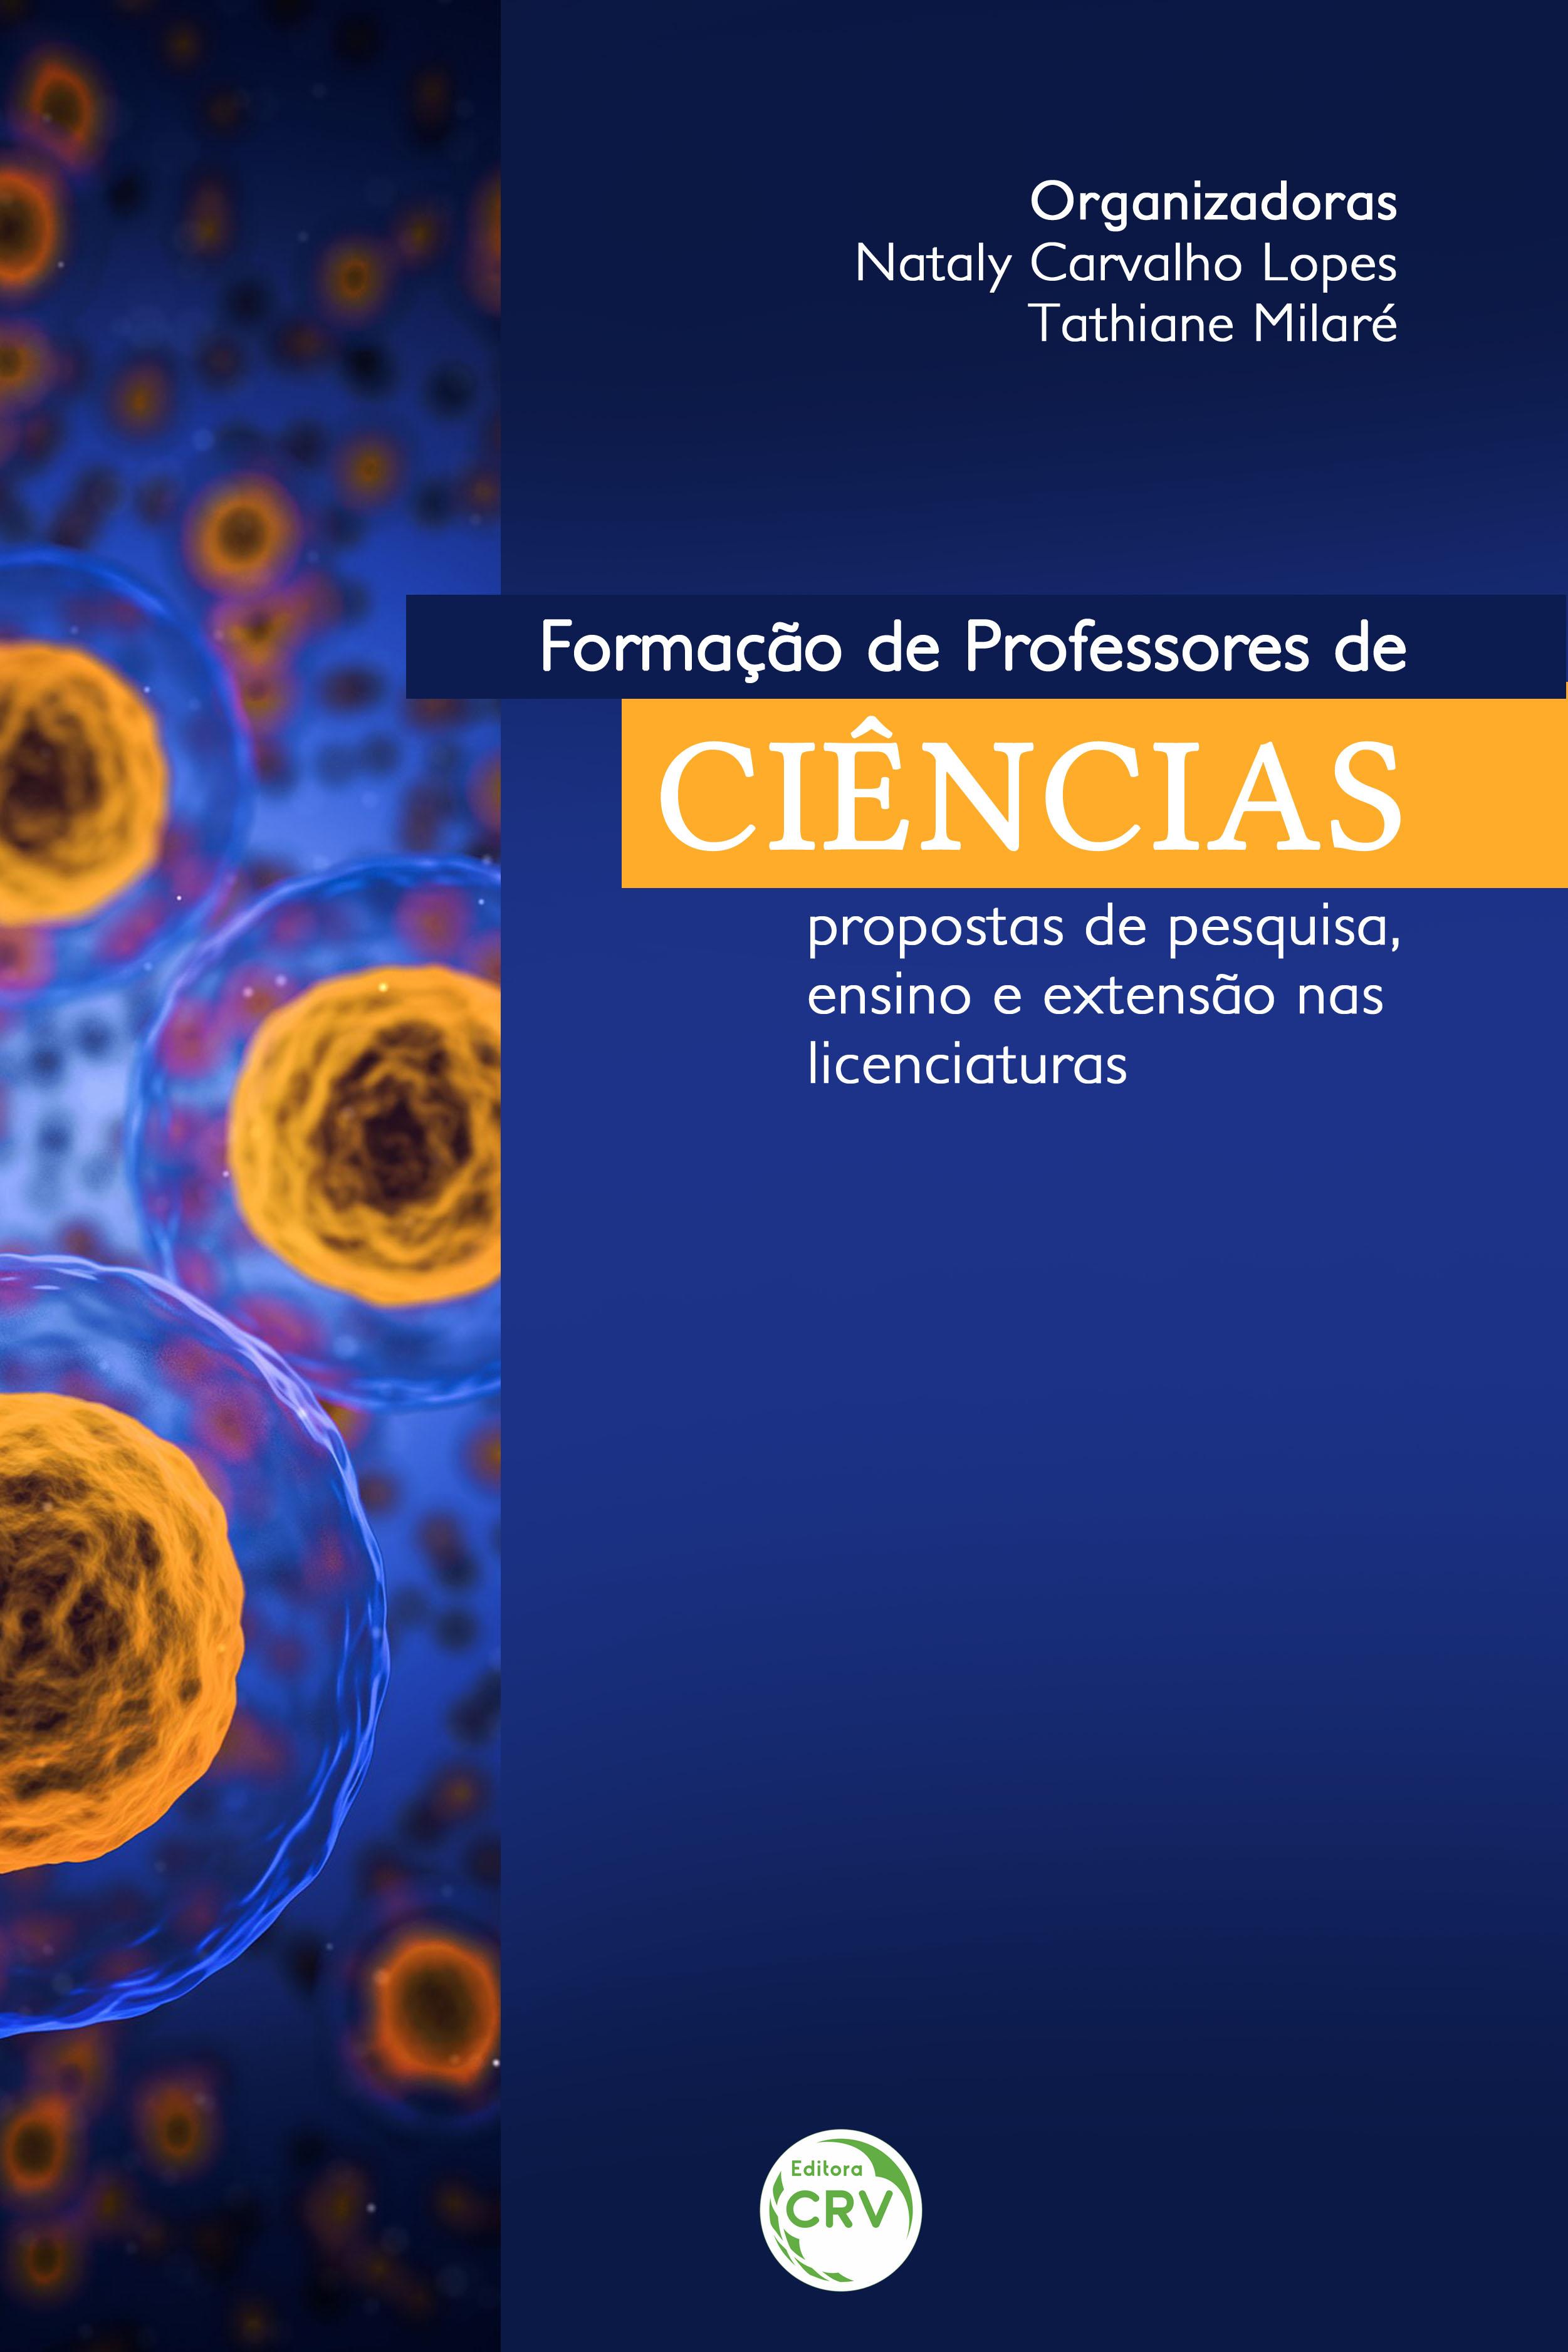 FORMAÇÃO DE PROFESSORES DE CIÊNCIAS:<br> propostas de pesquisas, ensino e extensão nas licenciaturas